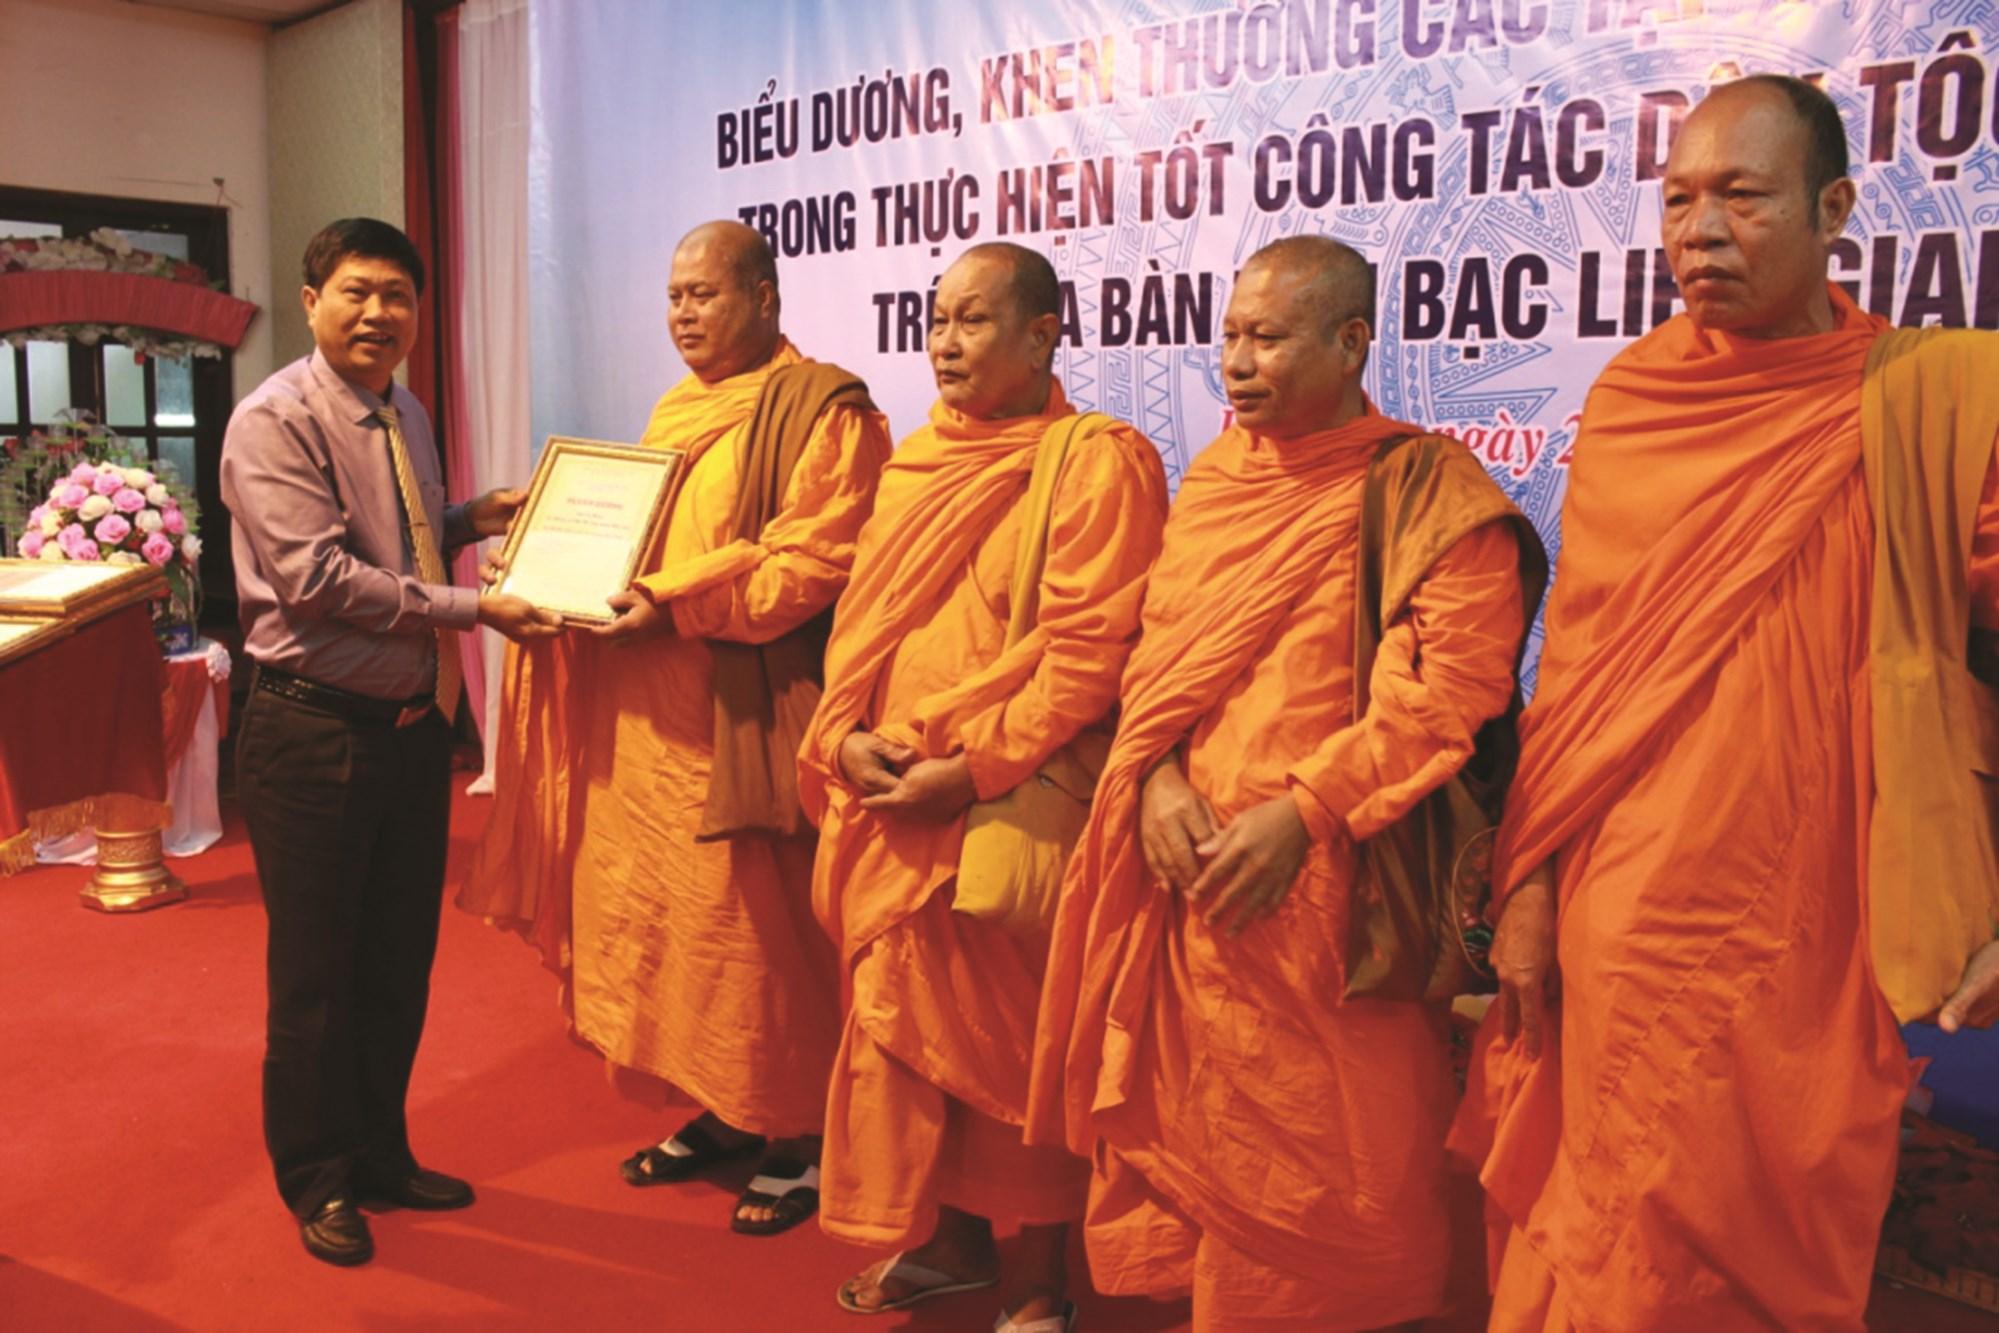 Ông Vương Phương Nam, Phó Chủ tịch UBND tỉnh Bạc Liêu, Trưởng Ban Tổ chức Đại hội Đại biểu các DTTS, trao Bằng khen cho Người có uy tín năm 2018.